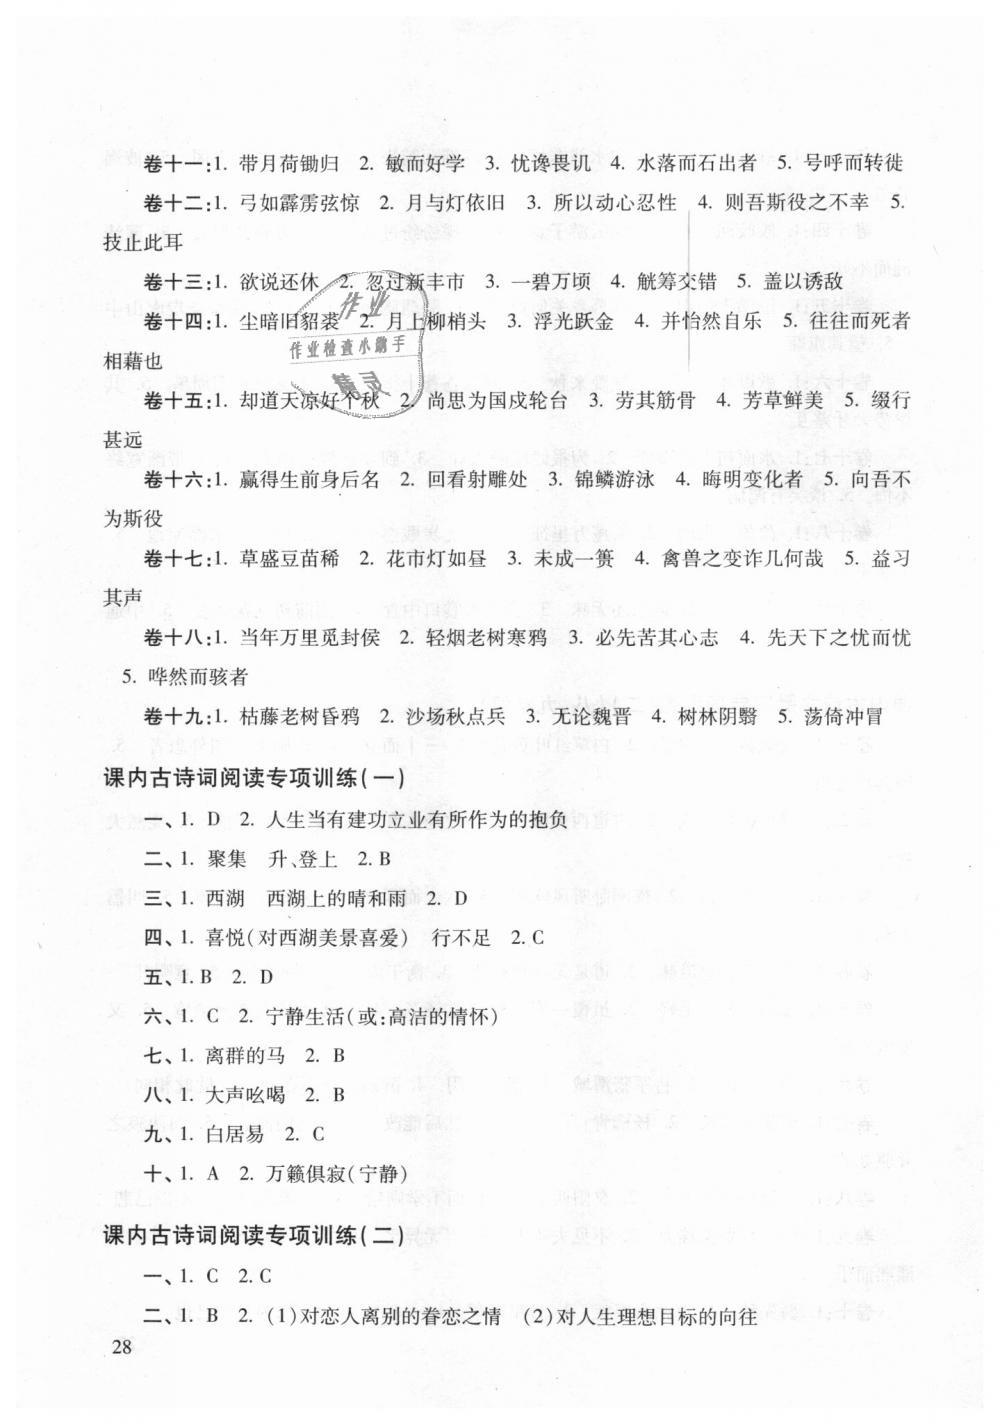 2018年中考文言诗文考试篇目点击九年级语文沪教版第28页